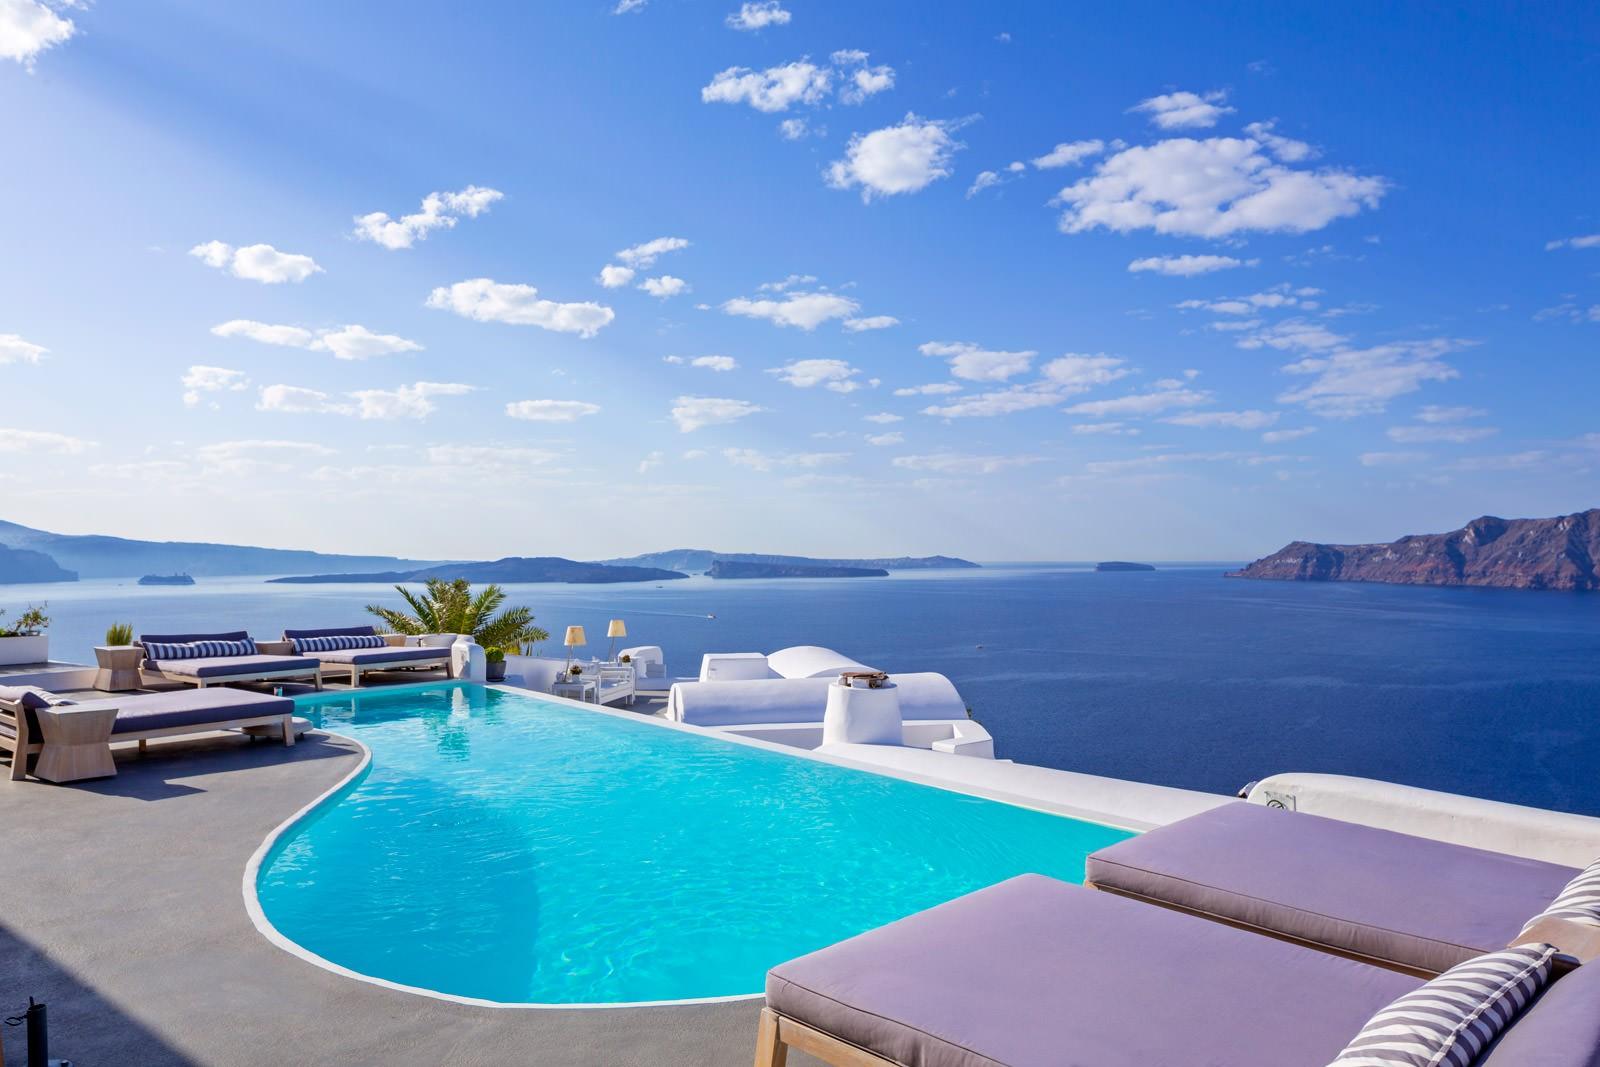 Греческий отель на втором месте среди самых необычных отелей